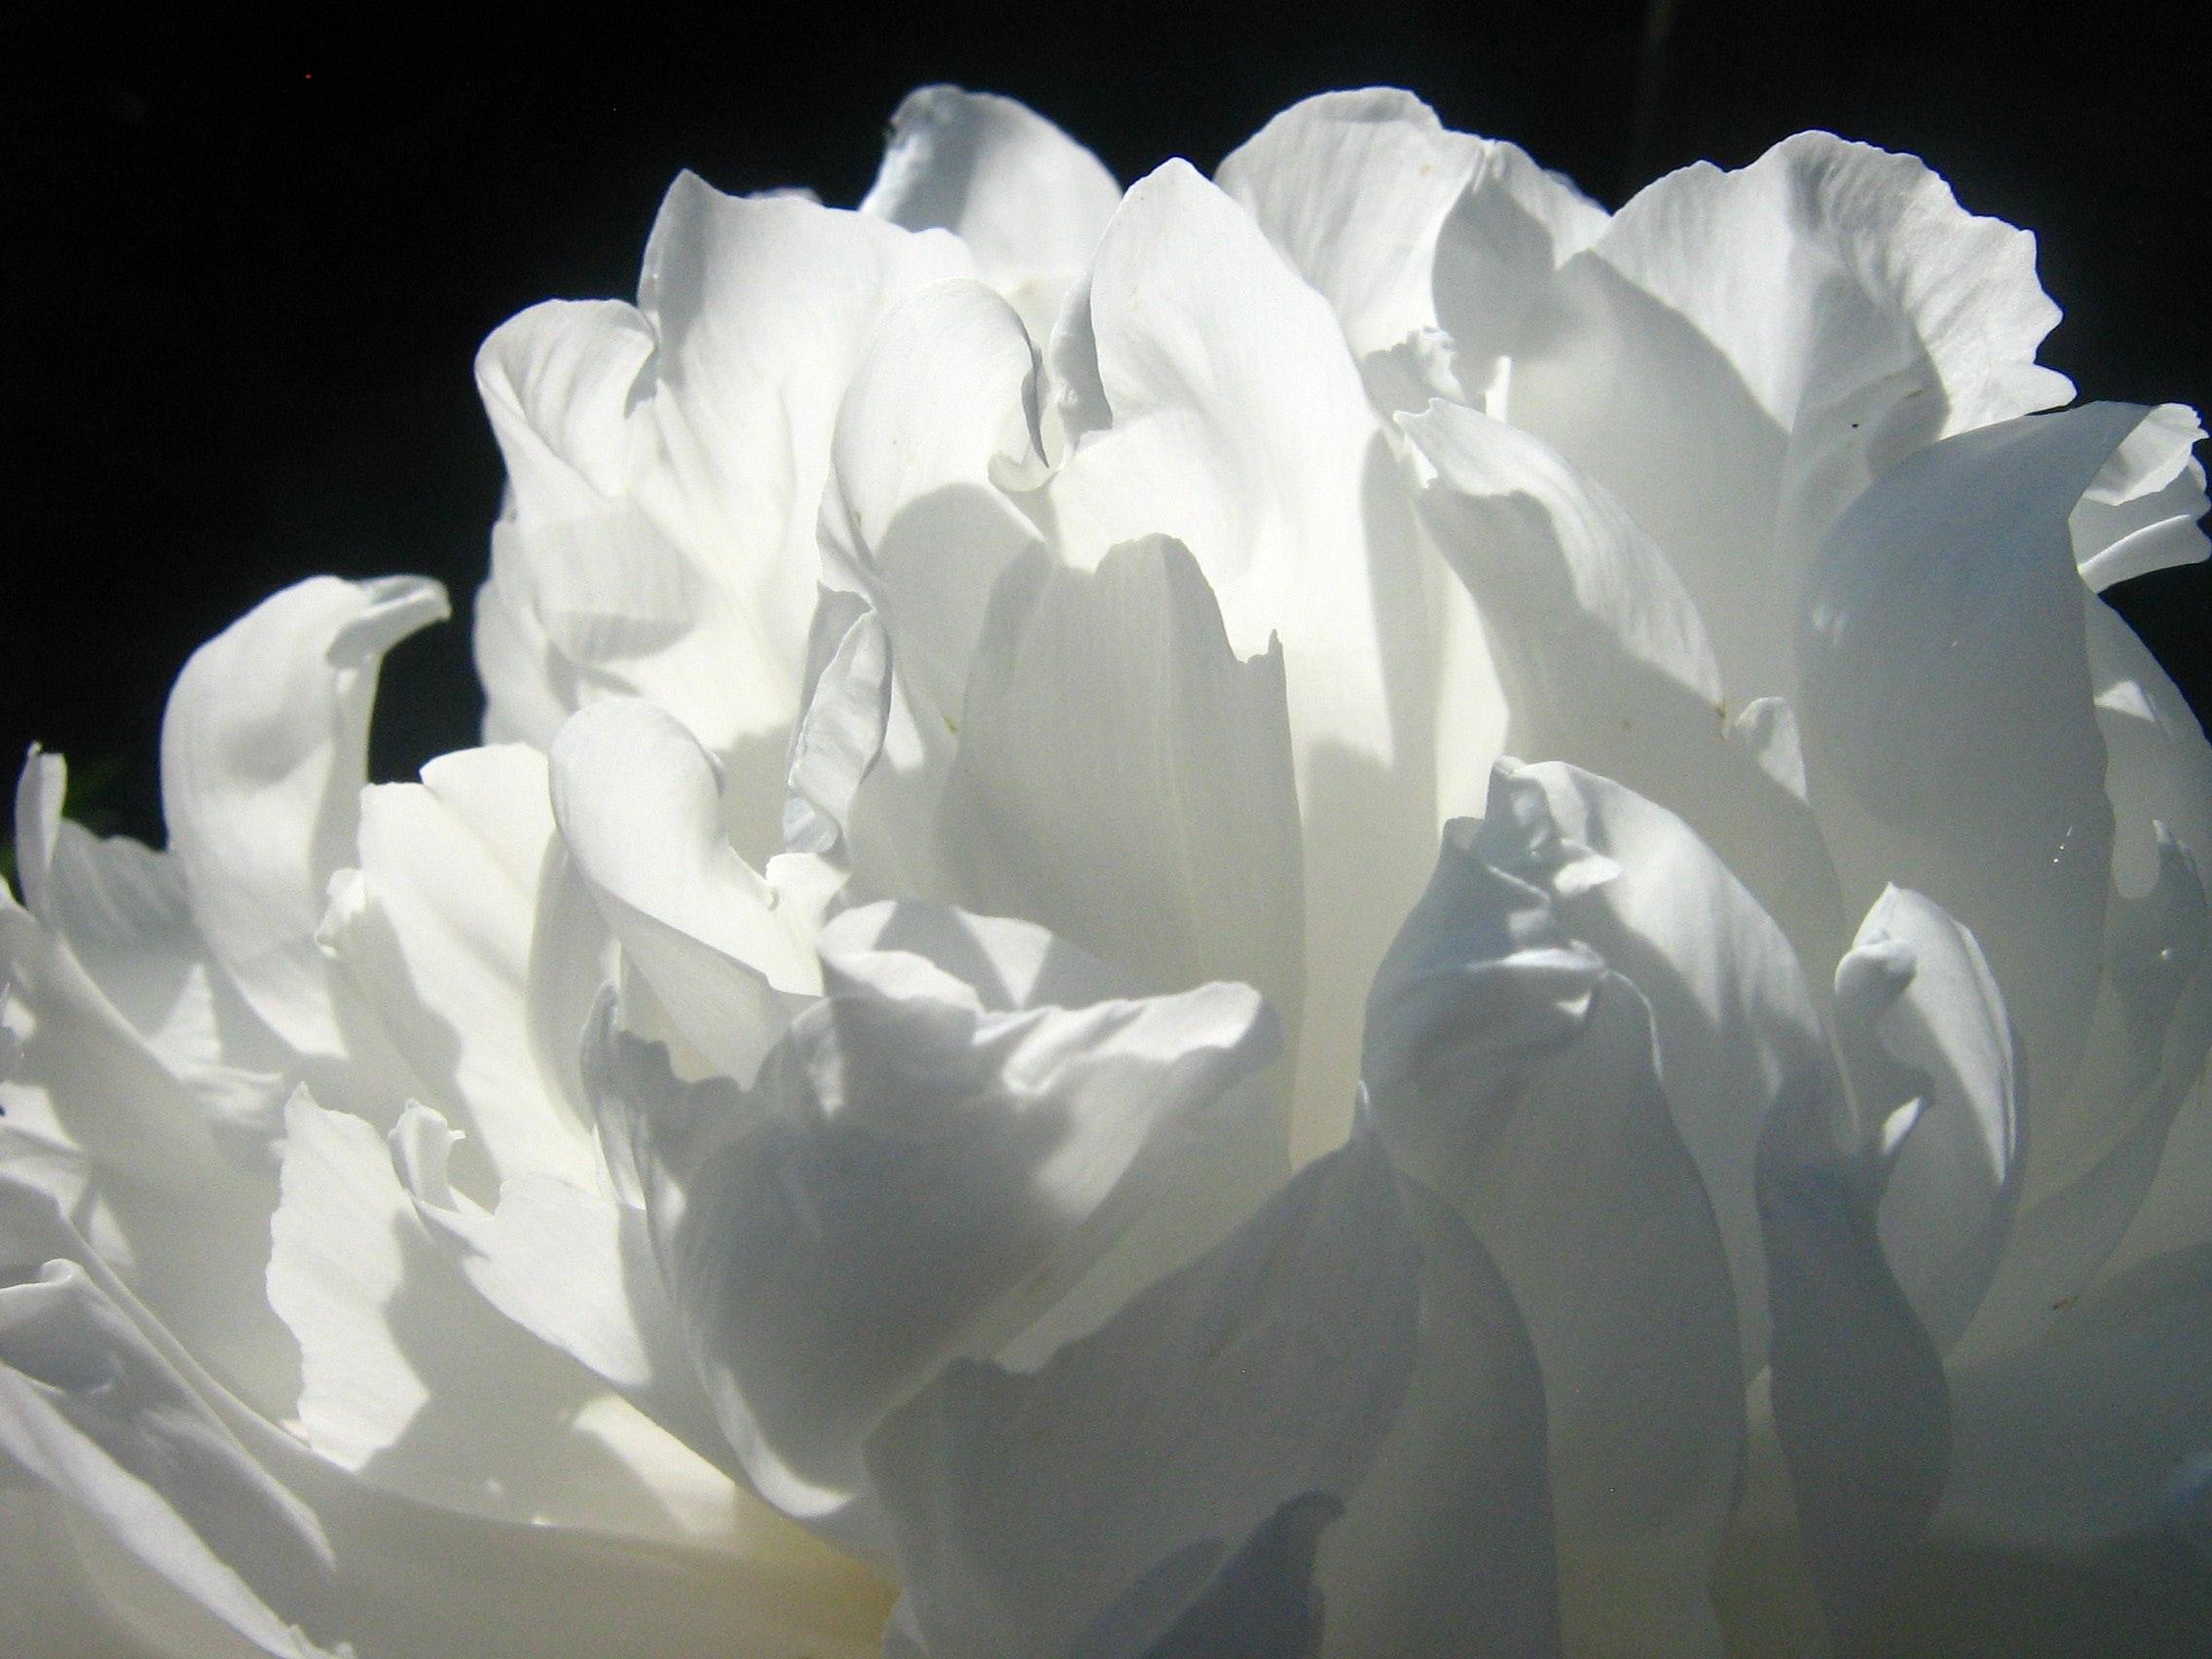 White Petal Flower, Petals, White, Flower, Close-up, HQ Photo